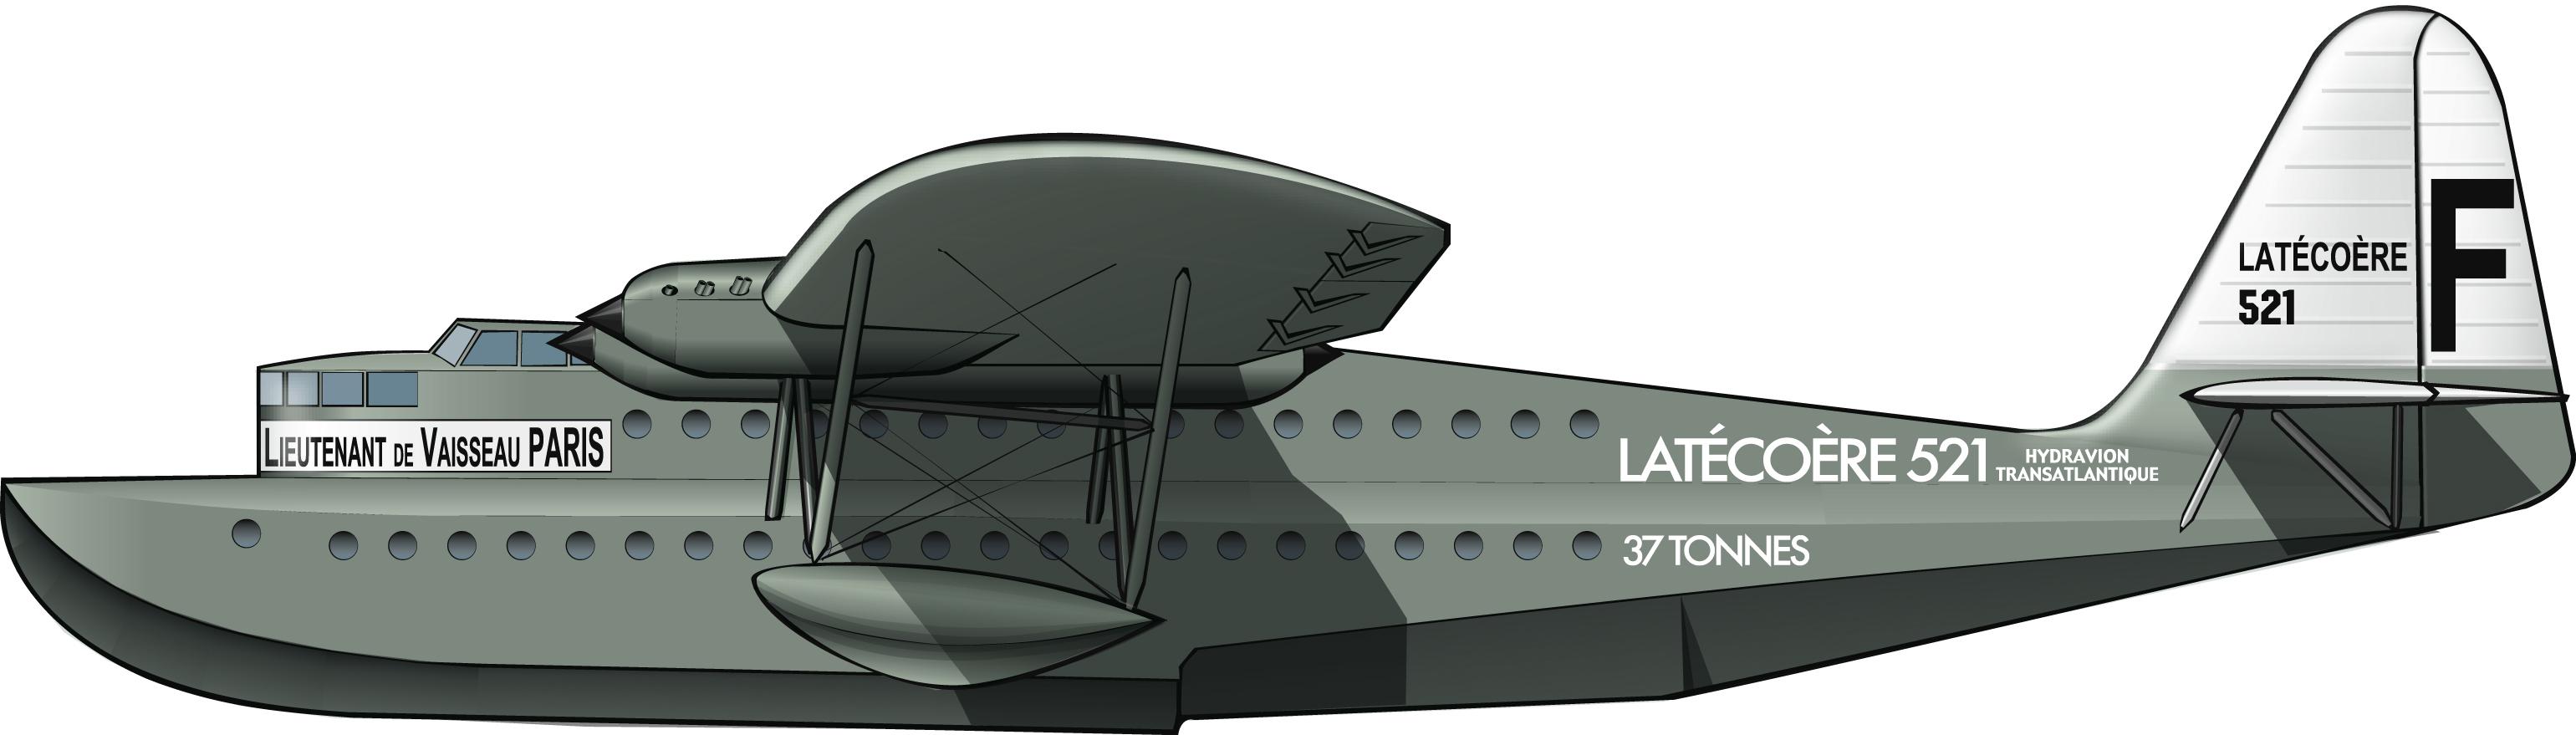 latecoere521